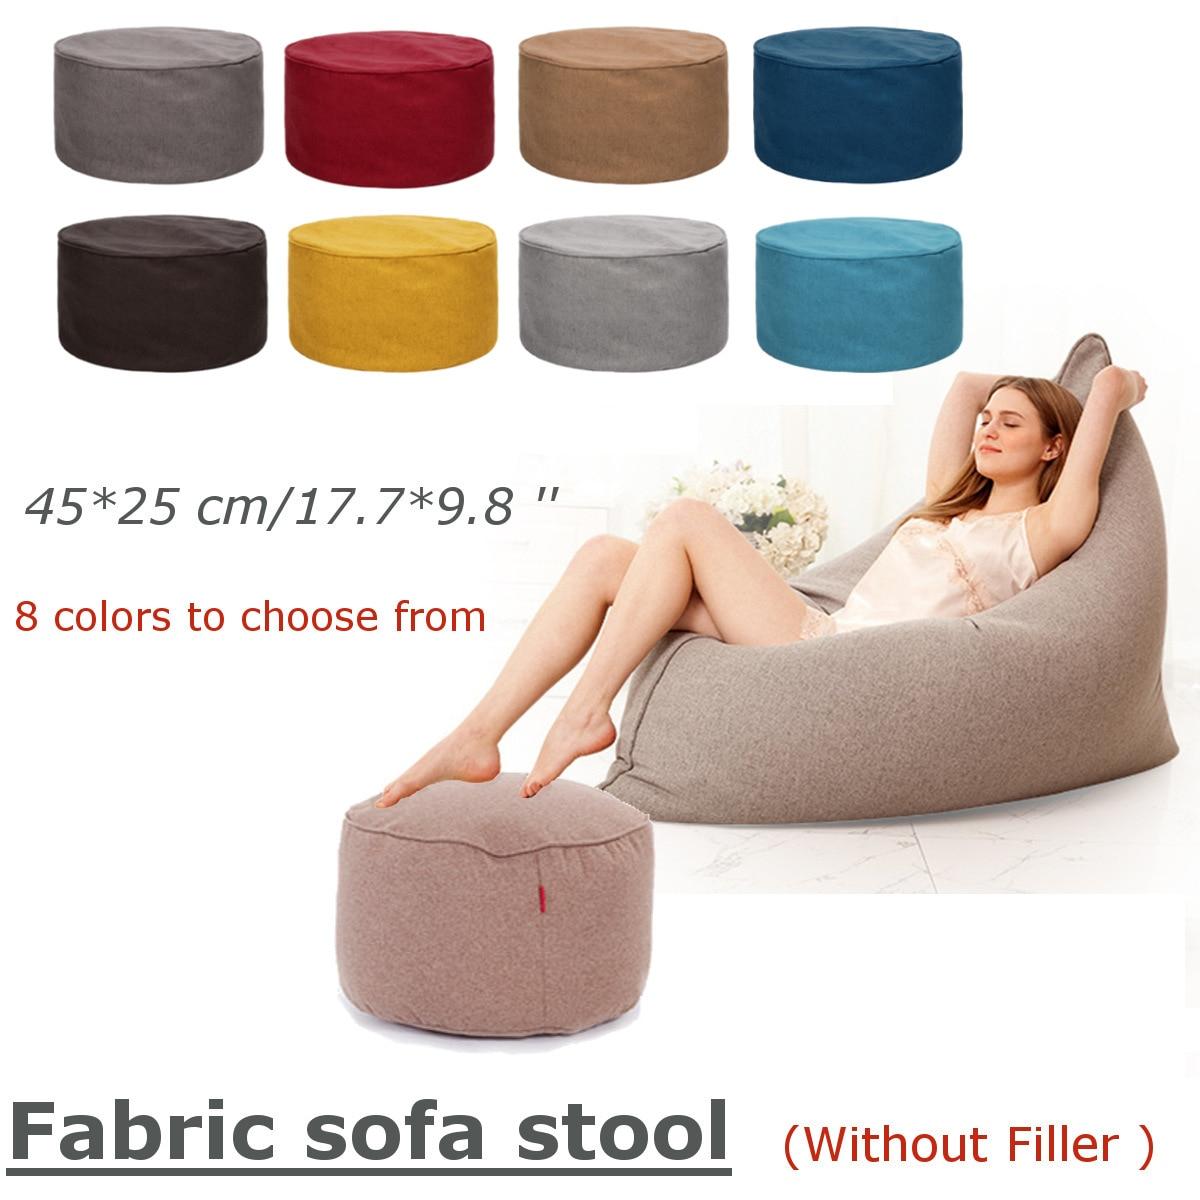 8 Farben Baumwolle Hocker Abdeckung Hause Sofa Runde Hocker Weiche Bean Taschen Sofa Liege Waschbar Ohne Füllstoff Für Wohnzimmer Tabelle Letzter Stil